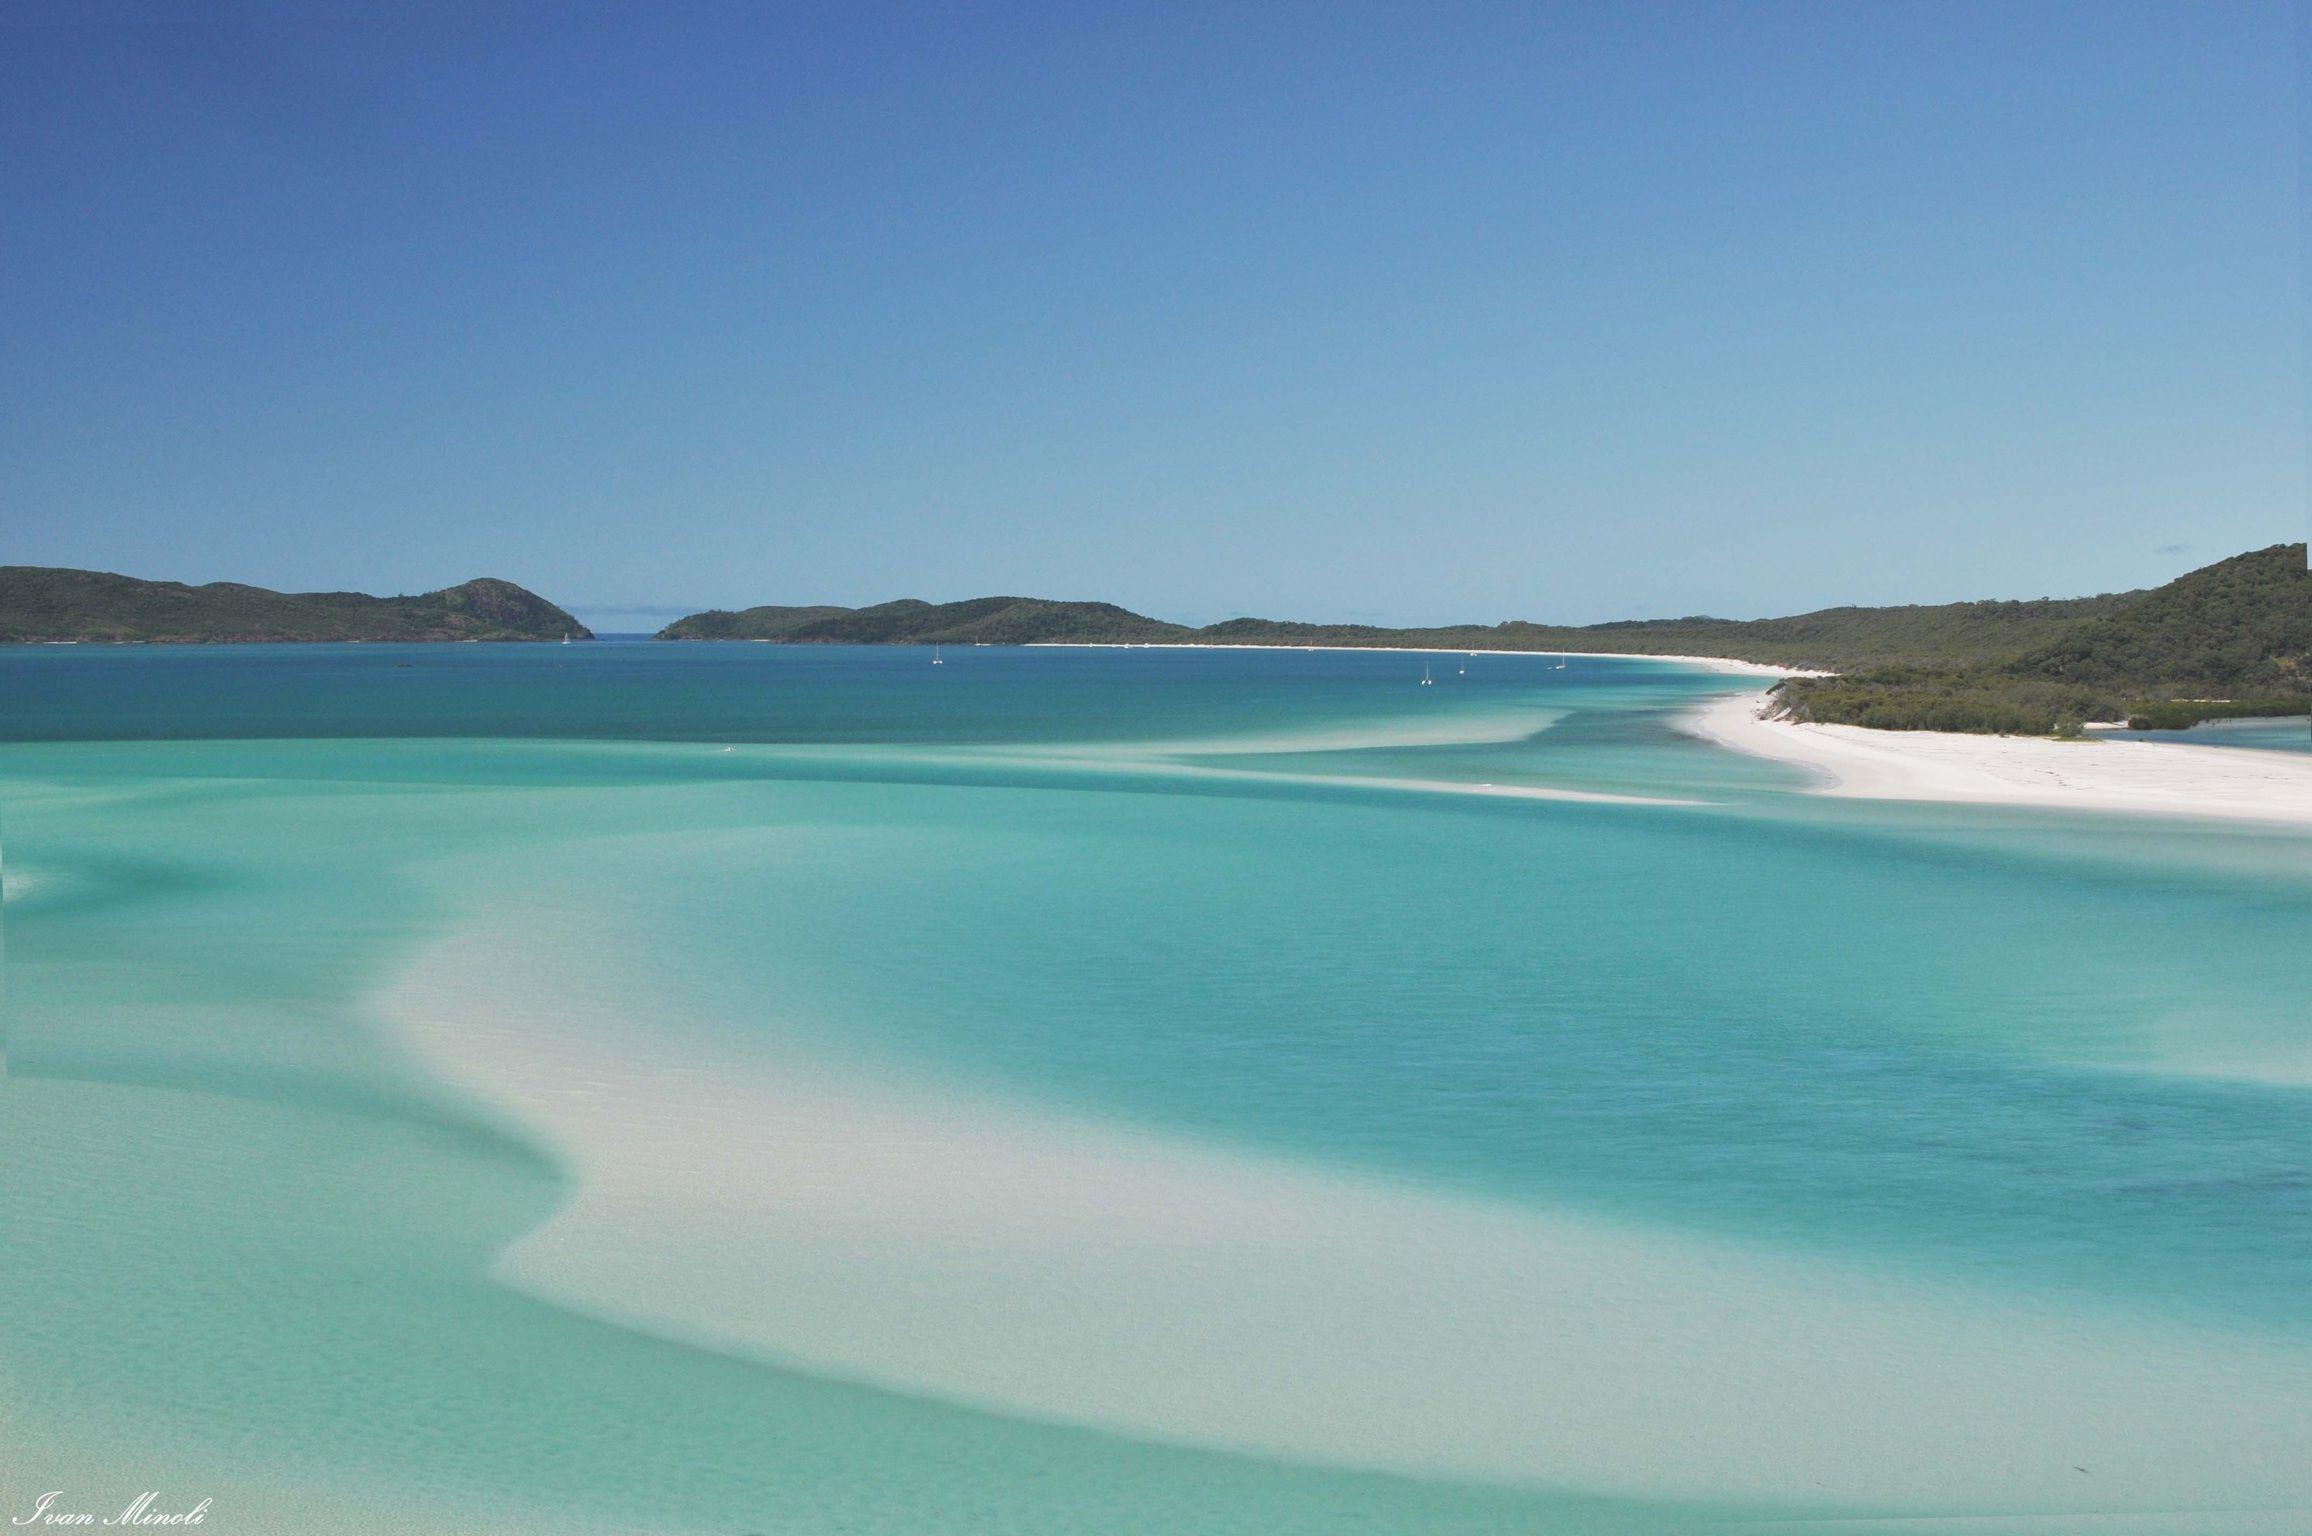 Whitheaven/Whitsundays, Australia